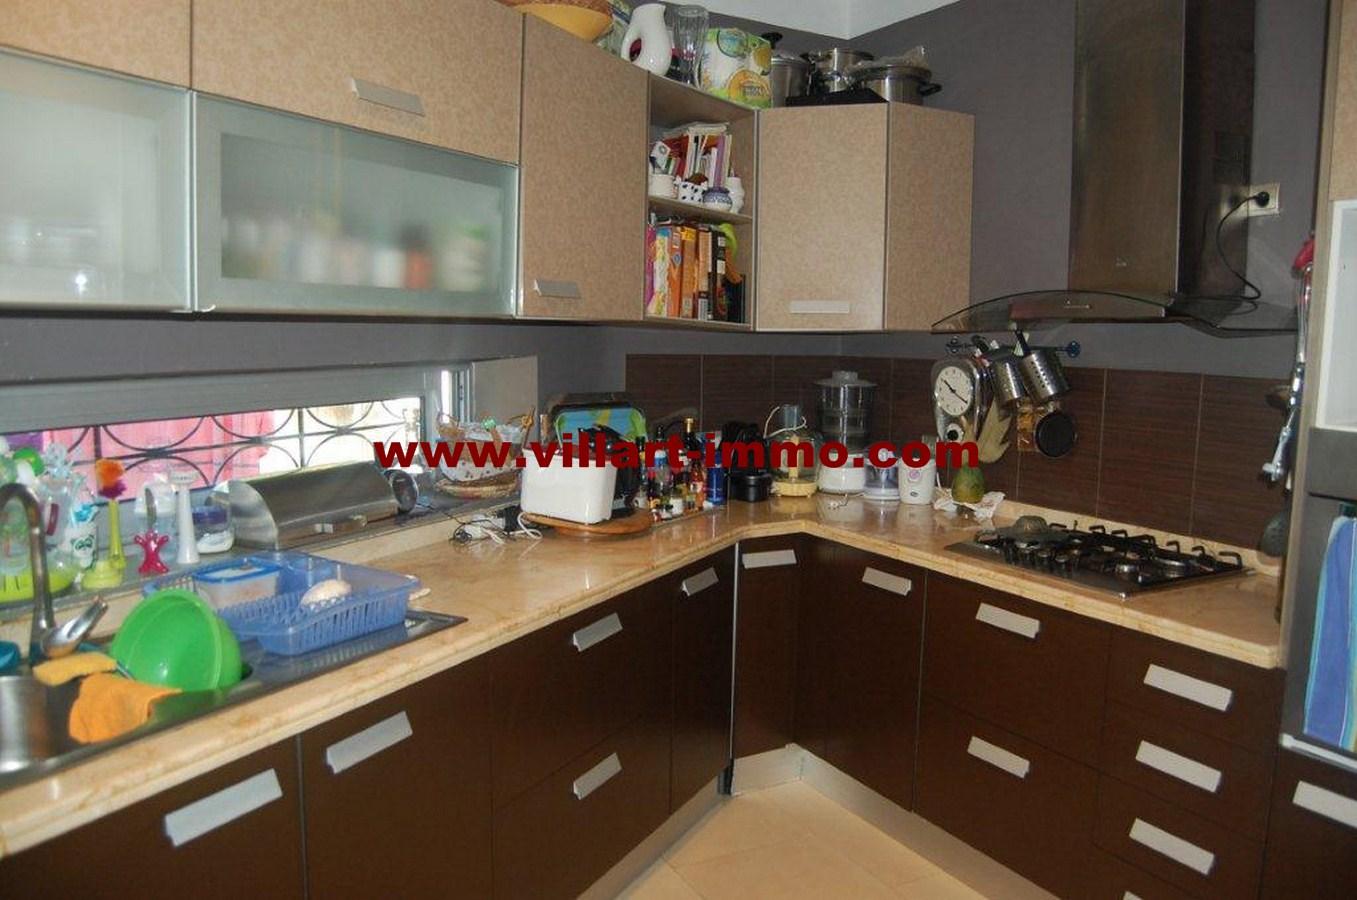 11-a-vendre-tanger-villa-californie-cosuine-vv461-villart-immo-agence-immobiliere-copier